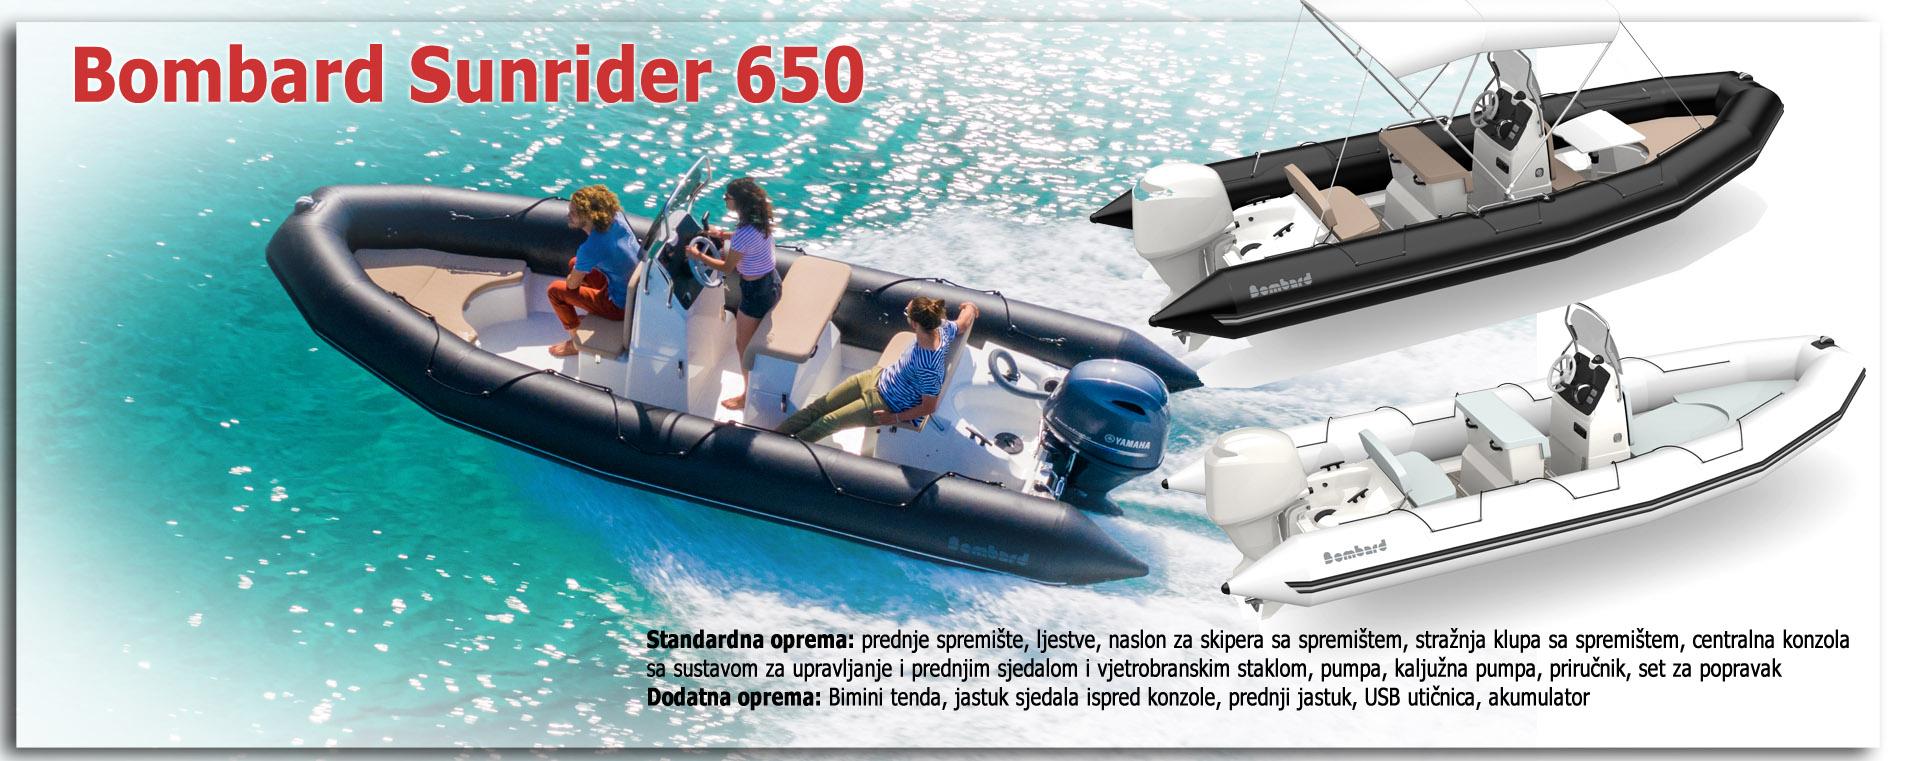 Bombard Sunrider 650